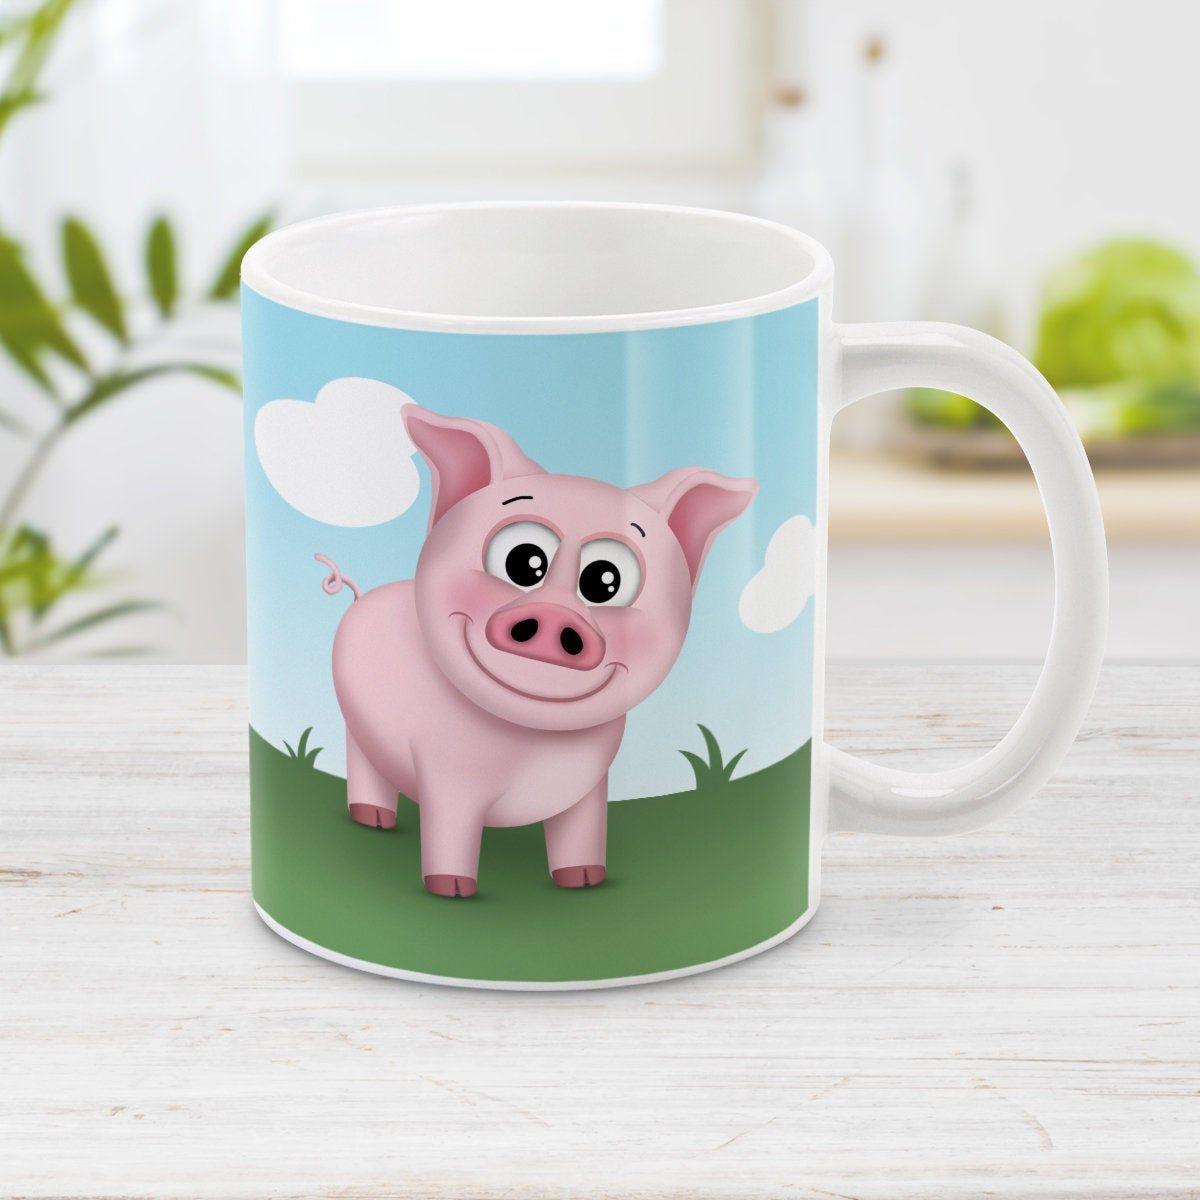 Cute Pig Mug Happy Pink Pig On The Farm 11oz Or 15oz Etsy Pig Farming Cute Pigs Mugs